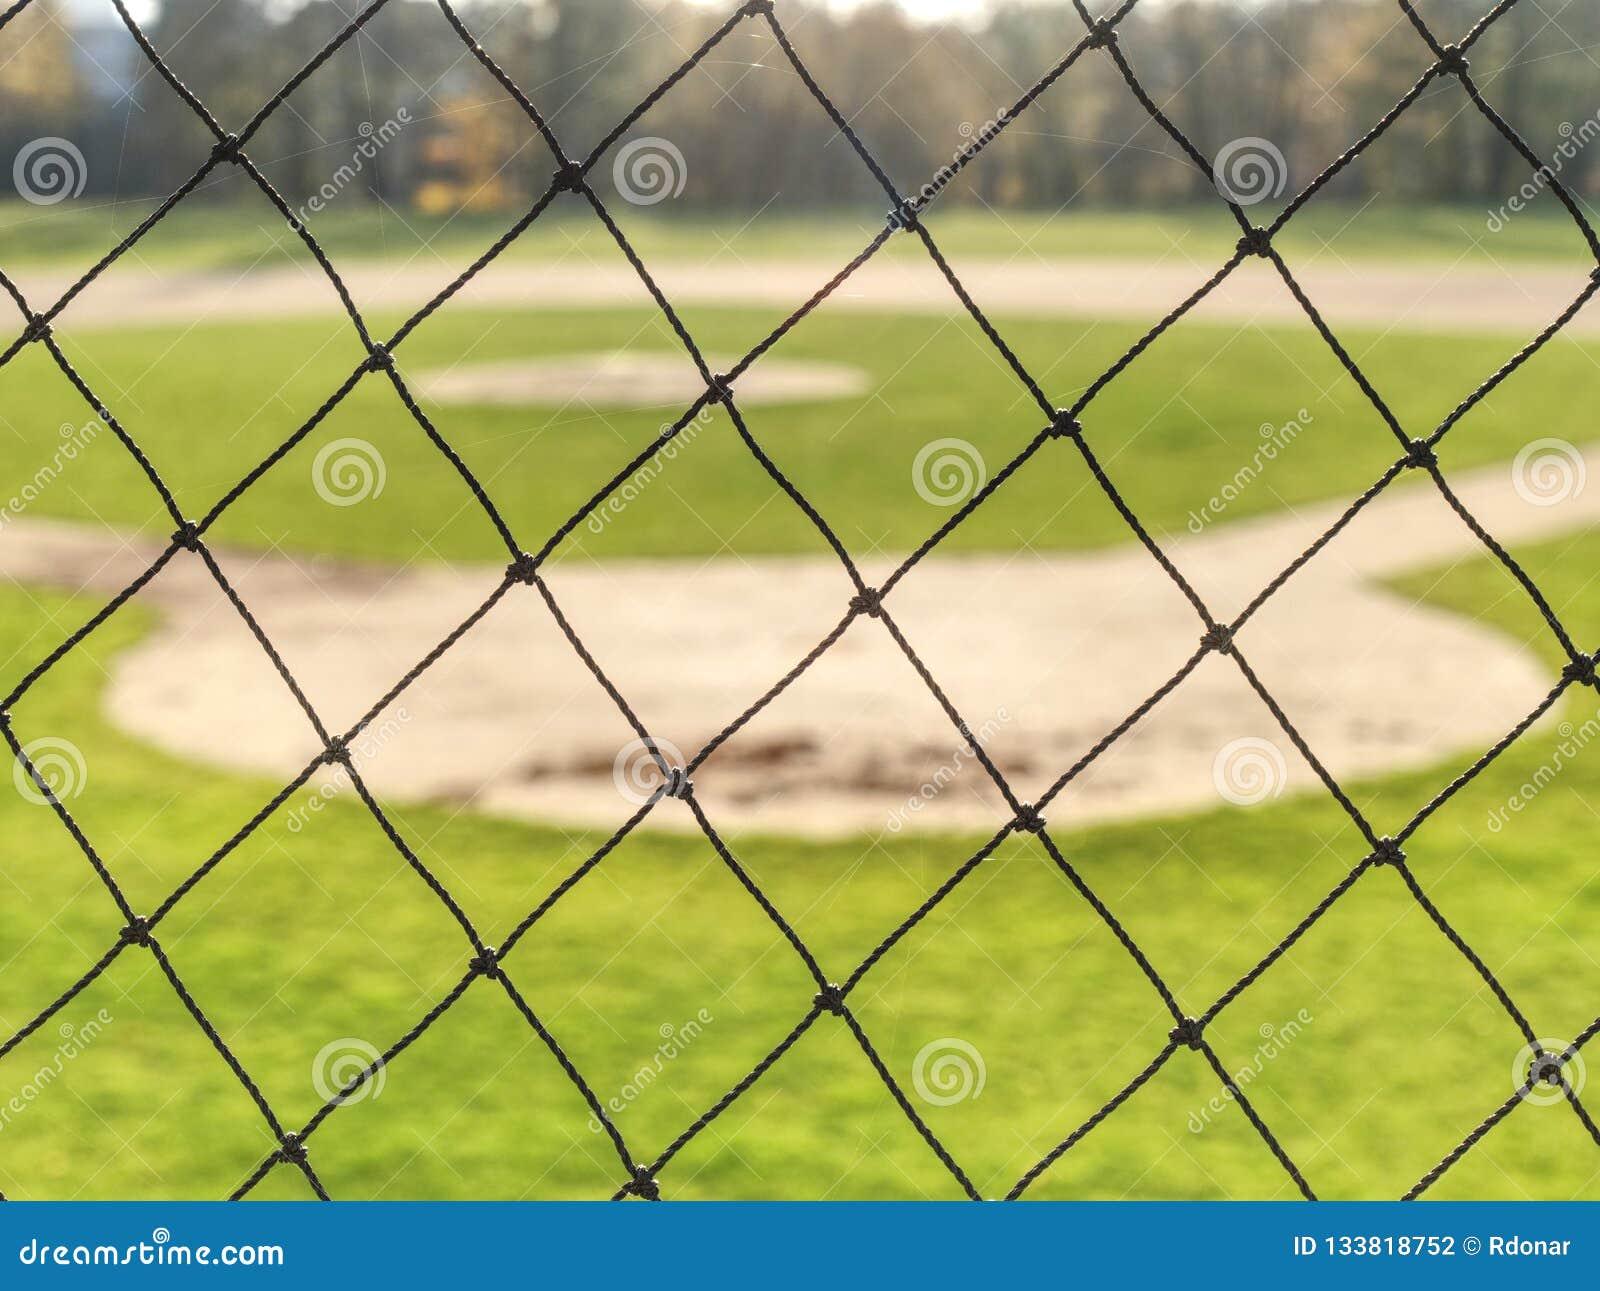 De jeugdhonkbalveld van achter netto wordt bekeken die